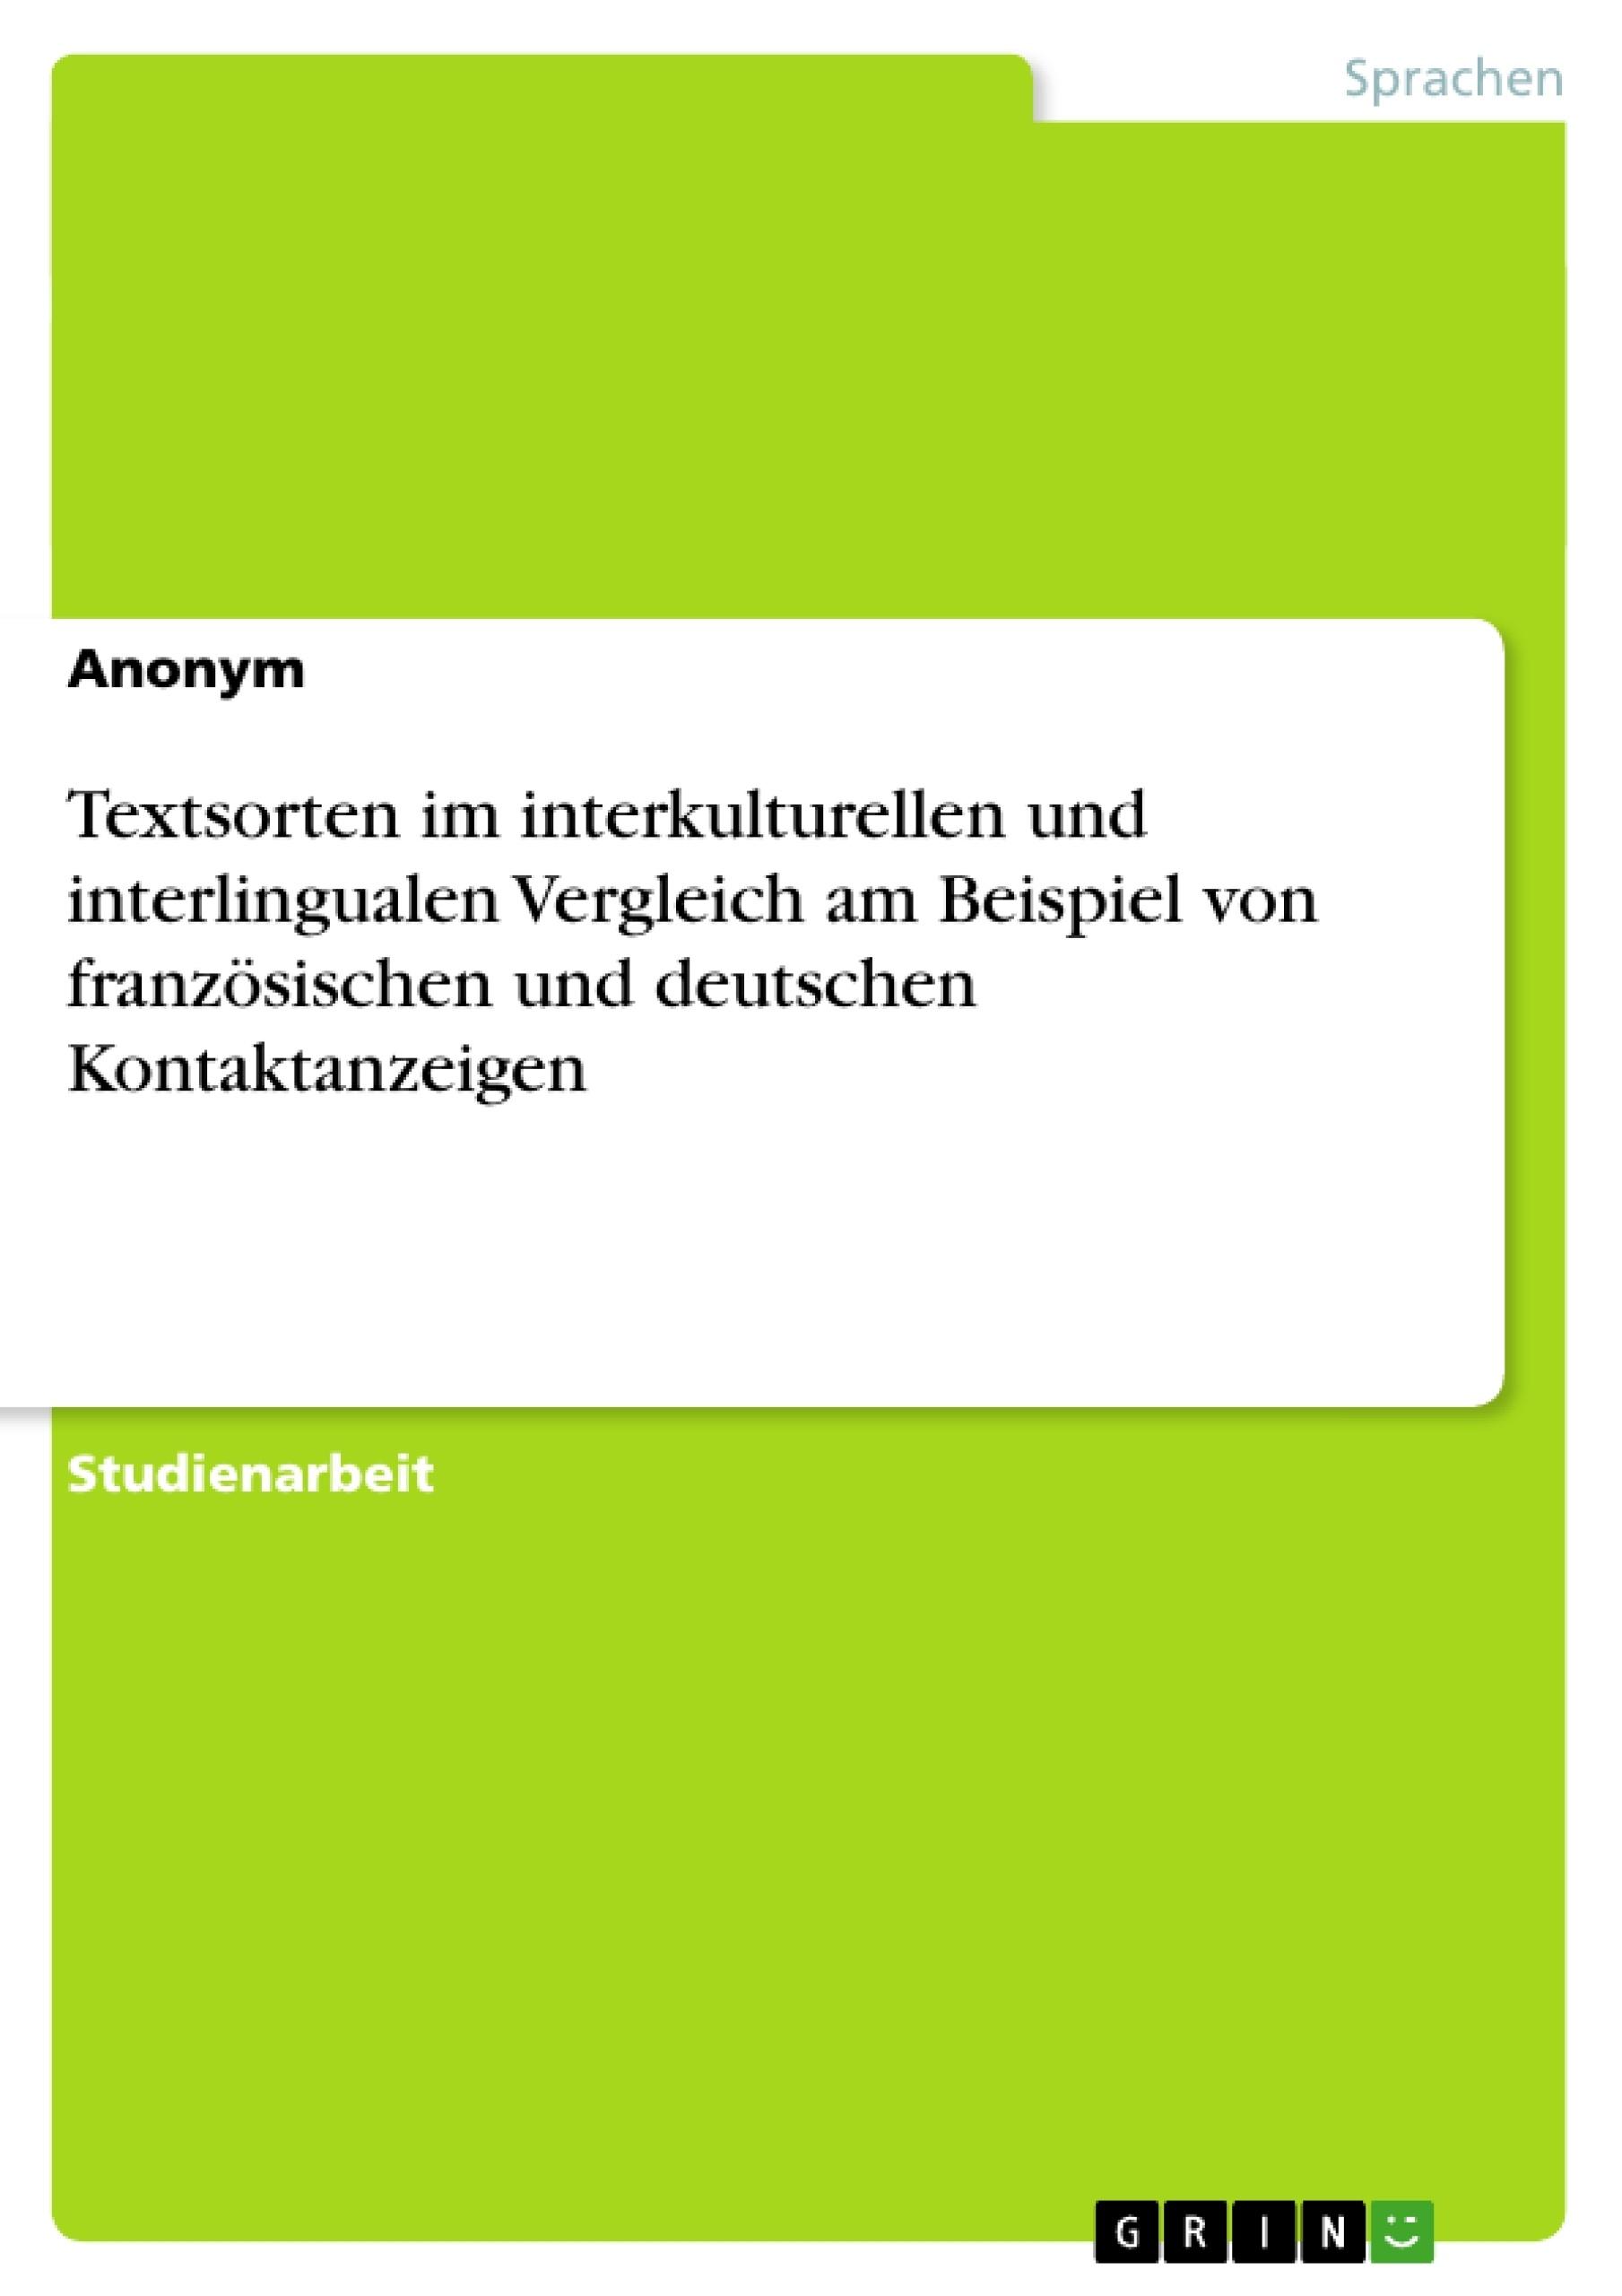 Titel: Textsorten im interkulturellen und interlingualen Vergleich am Beispiel von französischen und deutschen Kontaktanzeigen